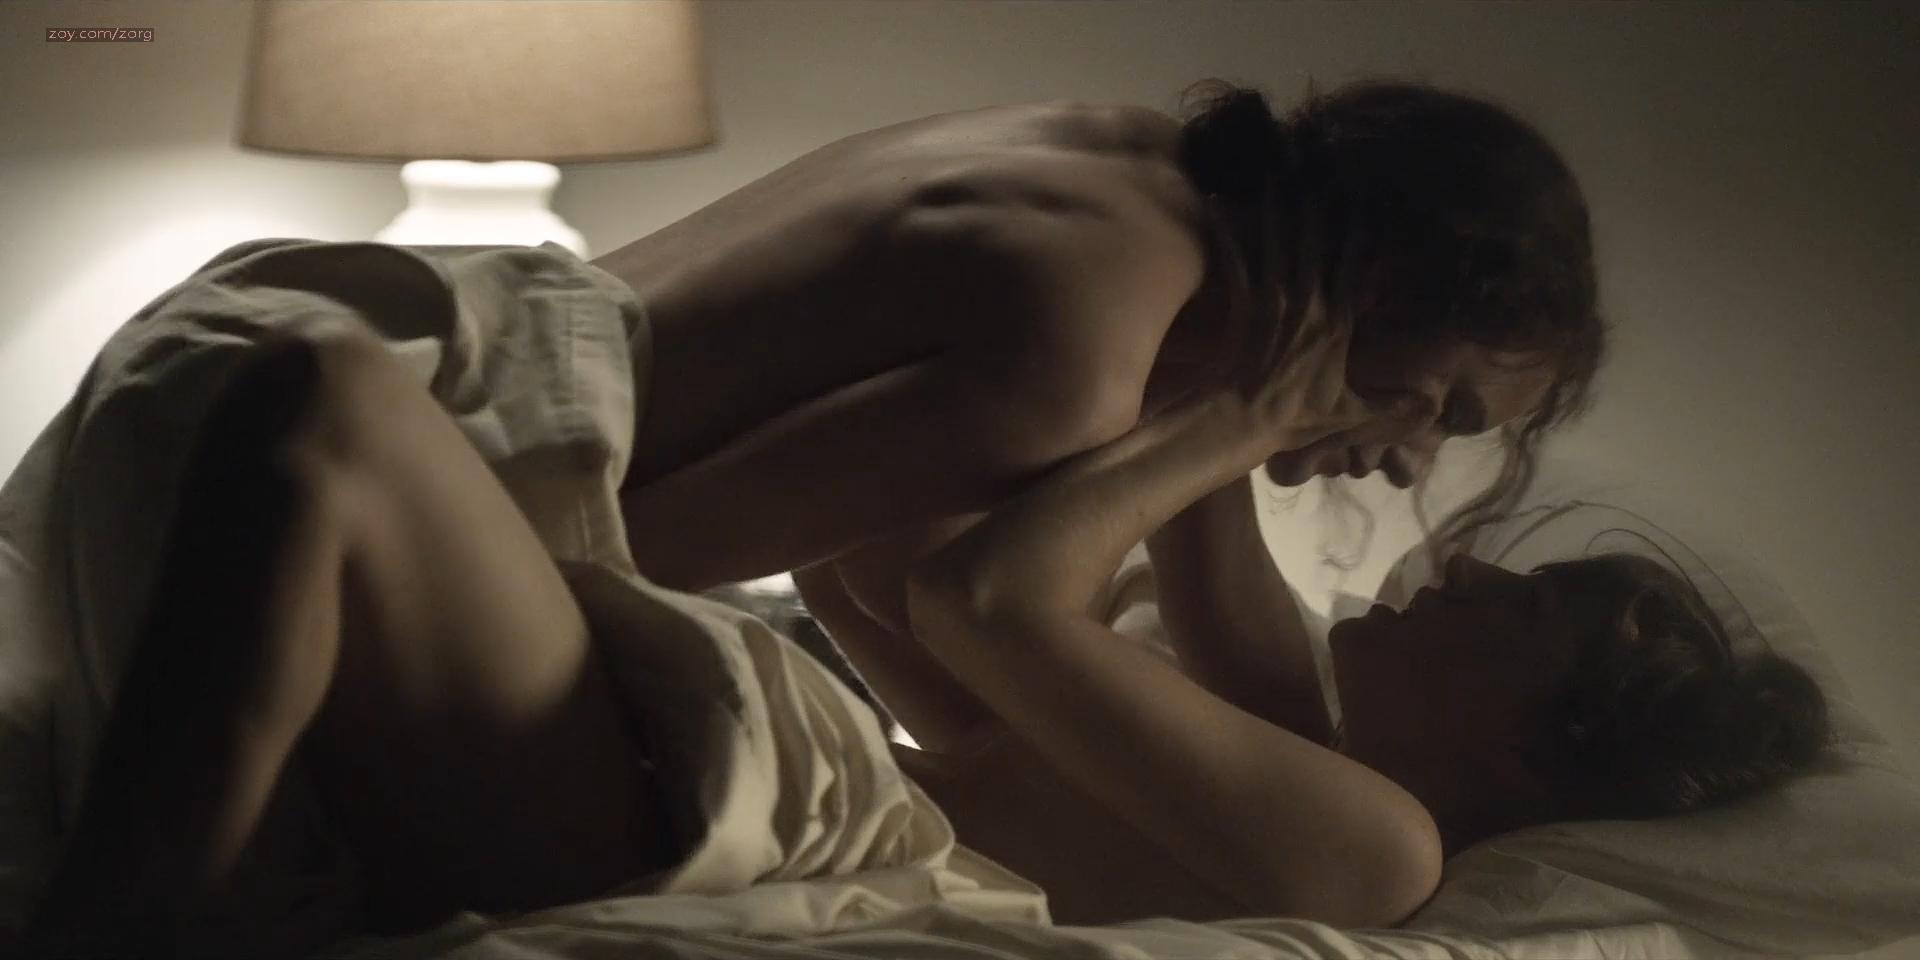 Rachel-Brosnahan-nude-side-boob-House-Of-Cards-2013-s02e6-HD-1080p-7.jpg